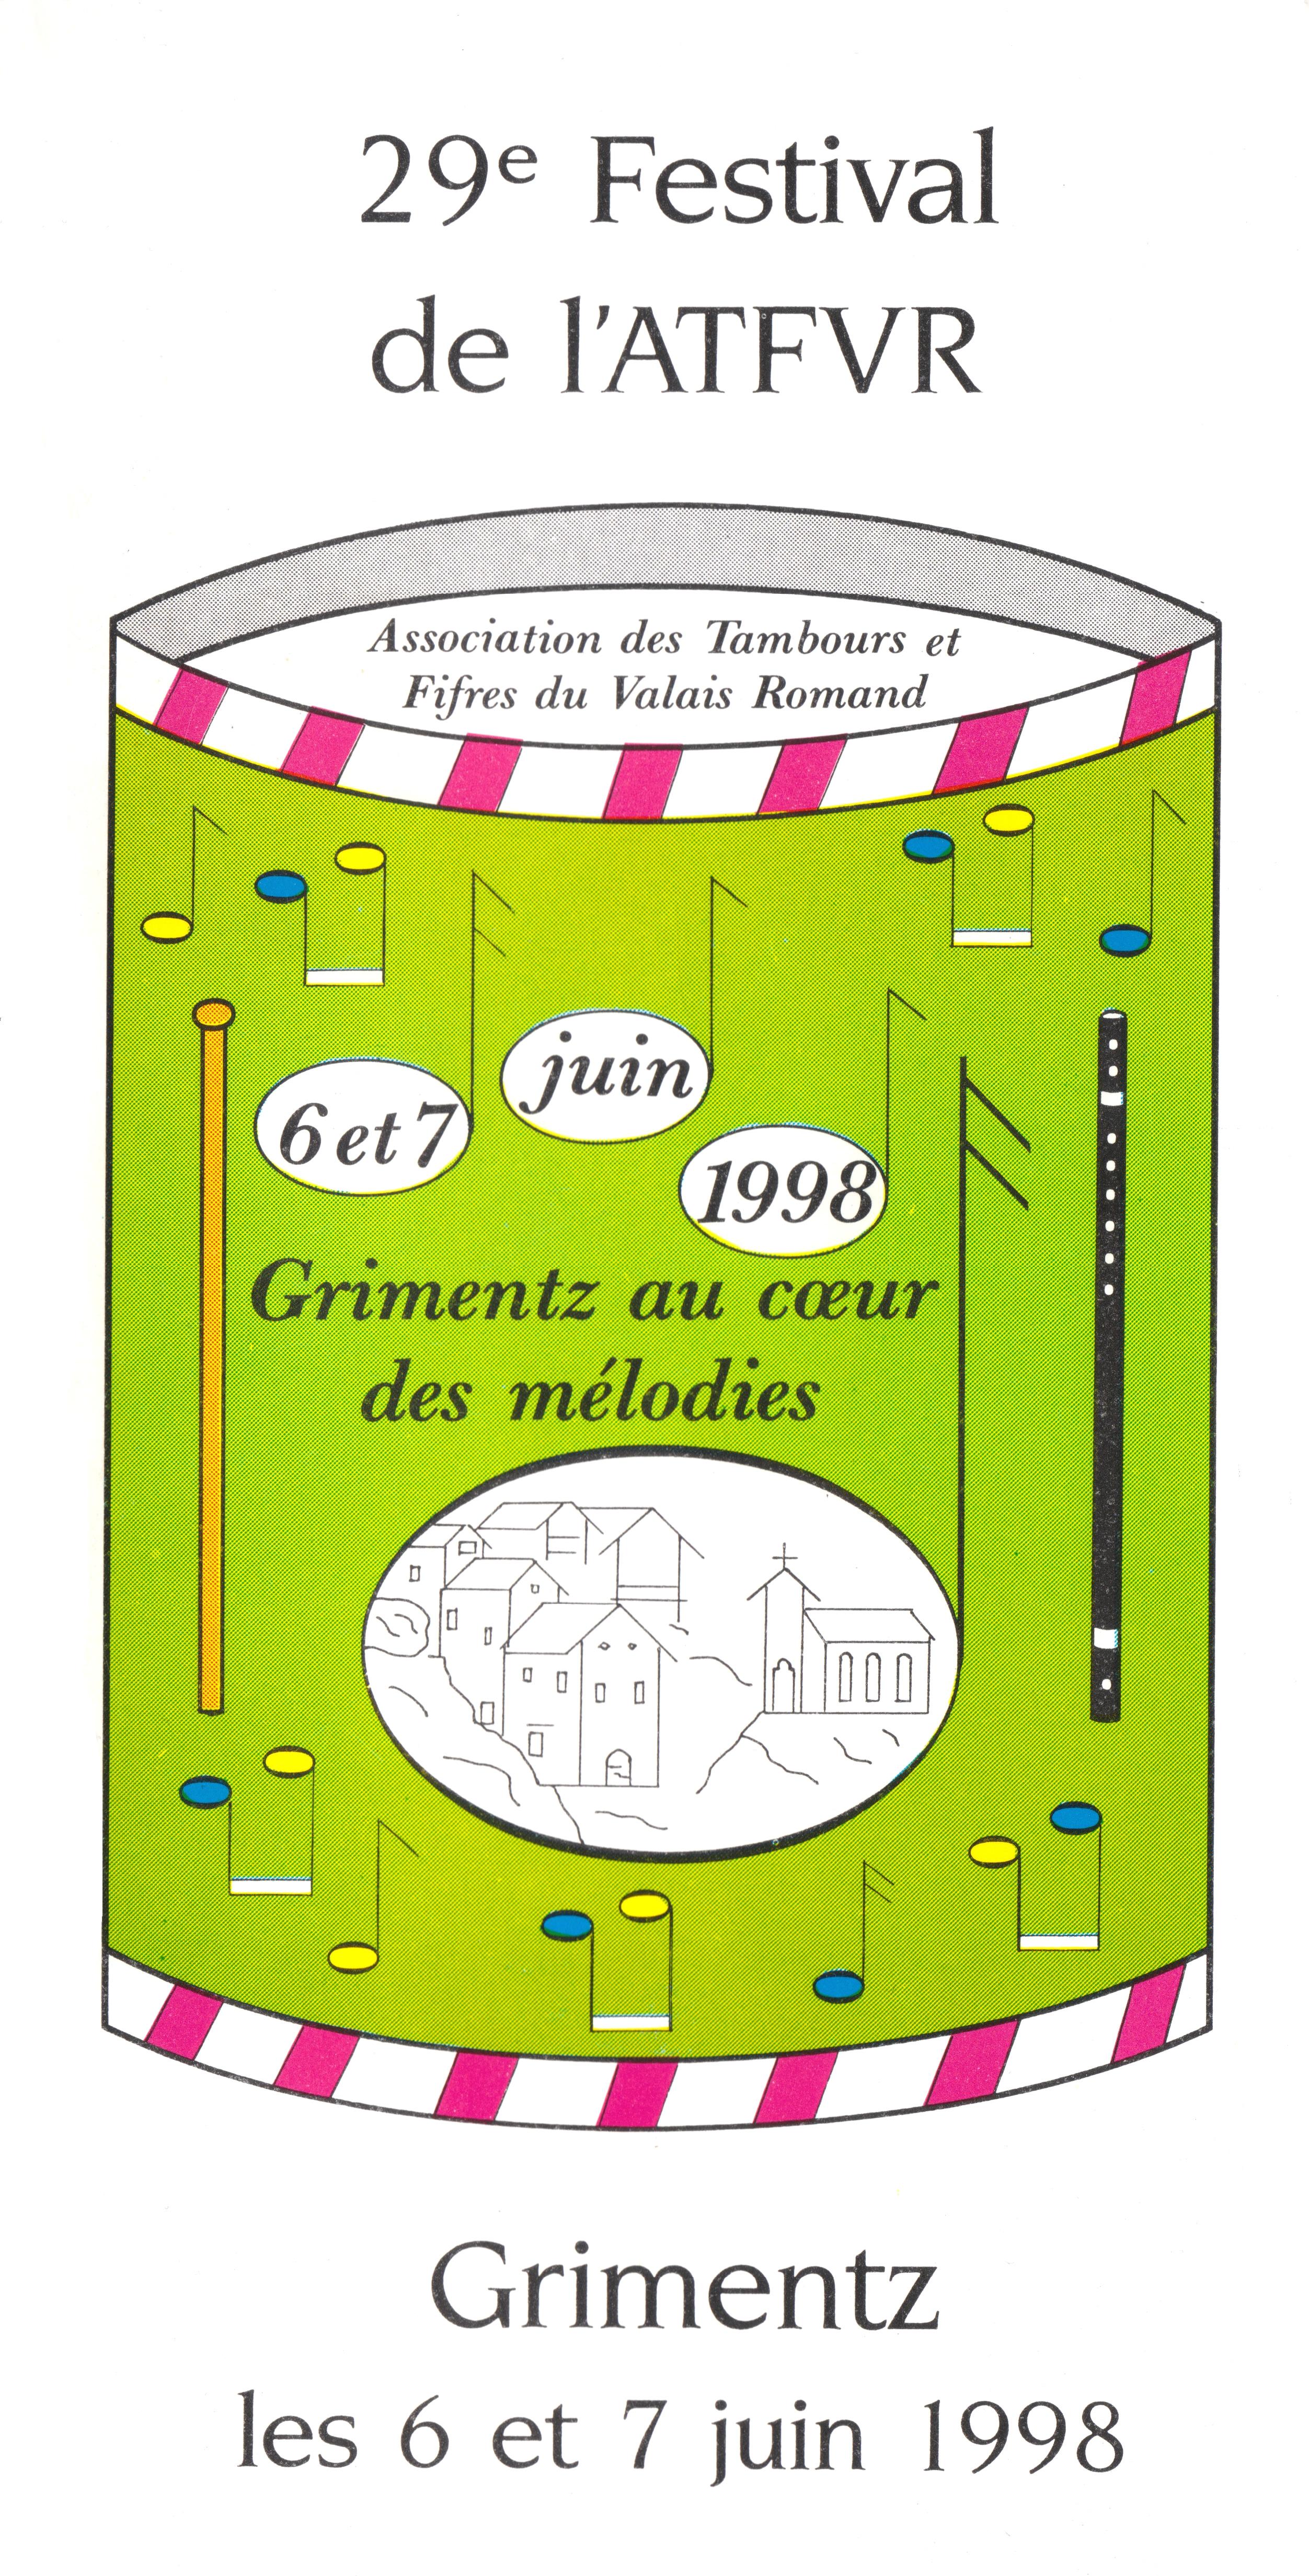 Affiche de l'ATFVR de 1998 à Grimentz